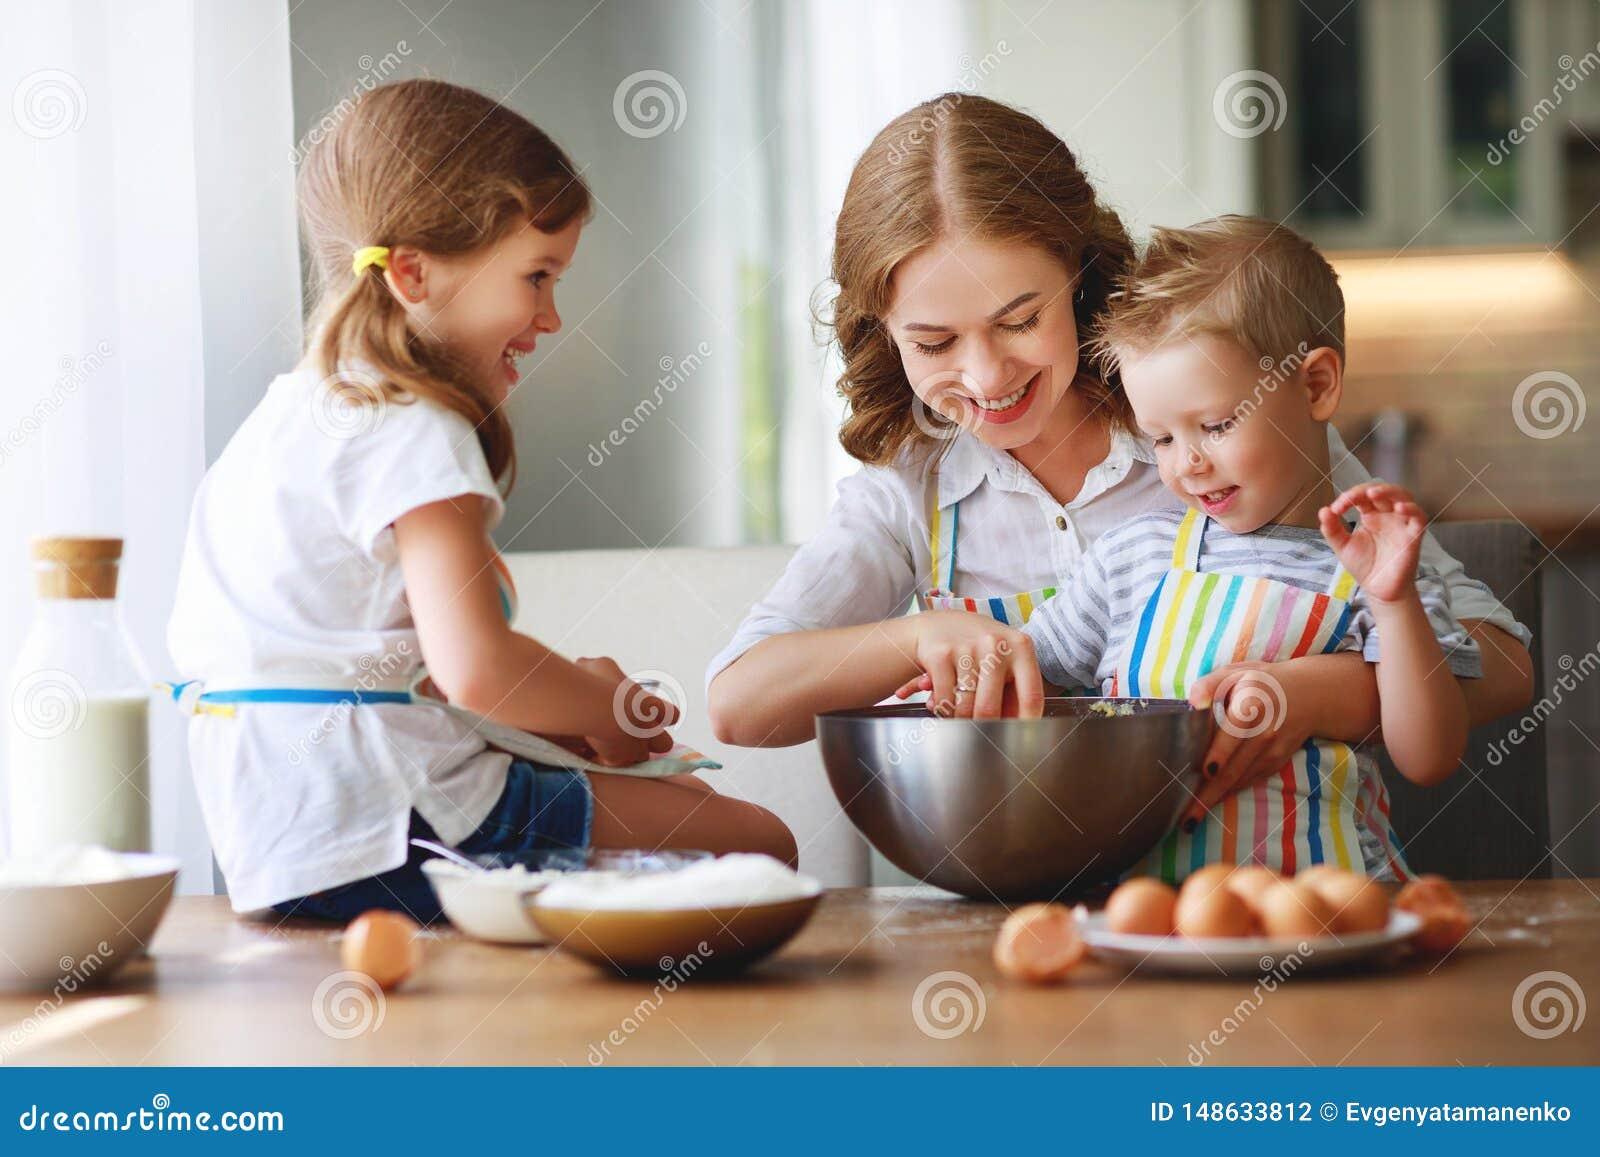 Ευτυχής οικογένεια στην κουζίνα η μητέρα και τα παιδιά που προετοιμάζουν τη ζύμη, ψήνουν τα μπισκότα